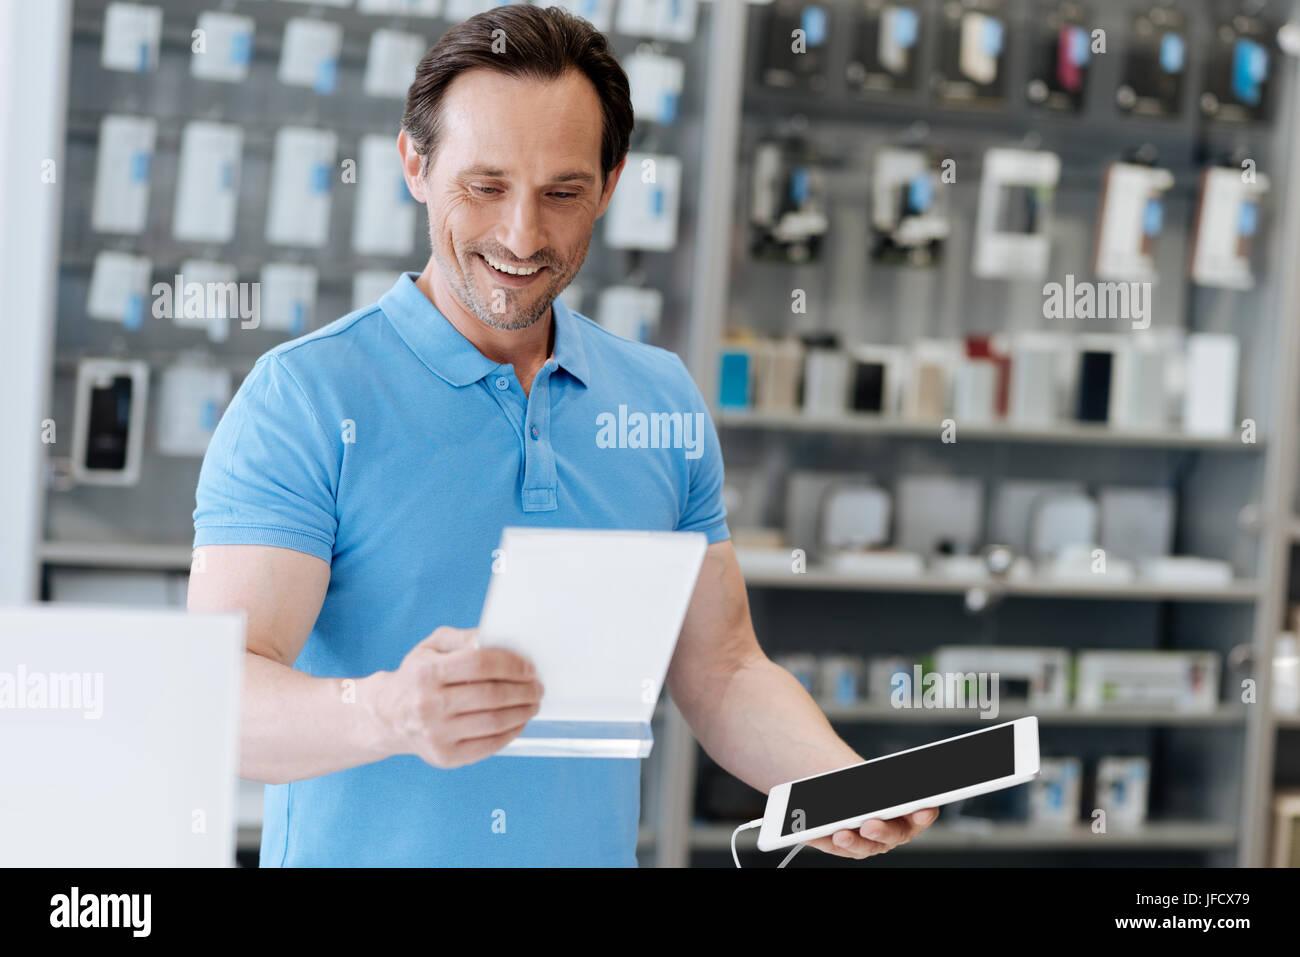 Este modelo es perfecto para mí. Hombre adulto vistiendo un polo azul brillante sonriendo a sí mismo mientras Imagen De Stock